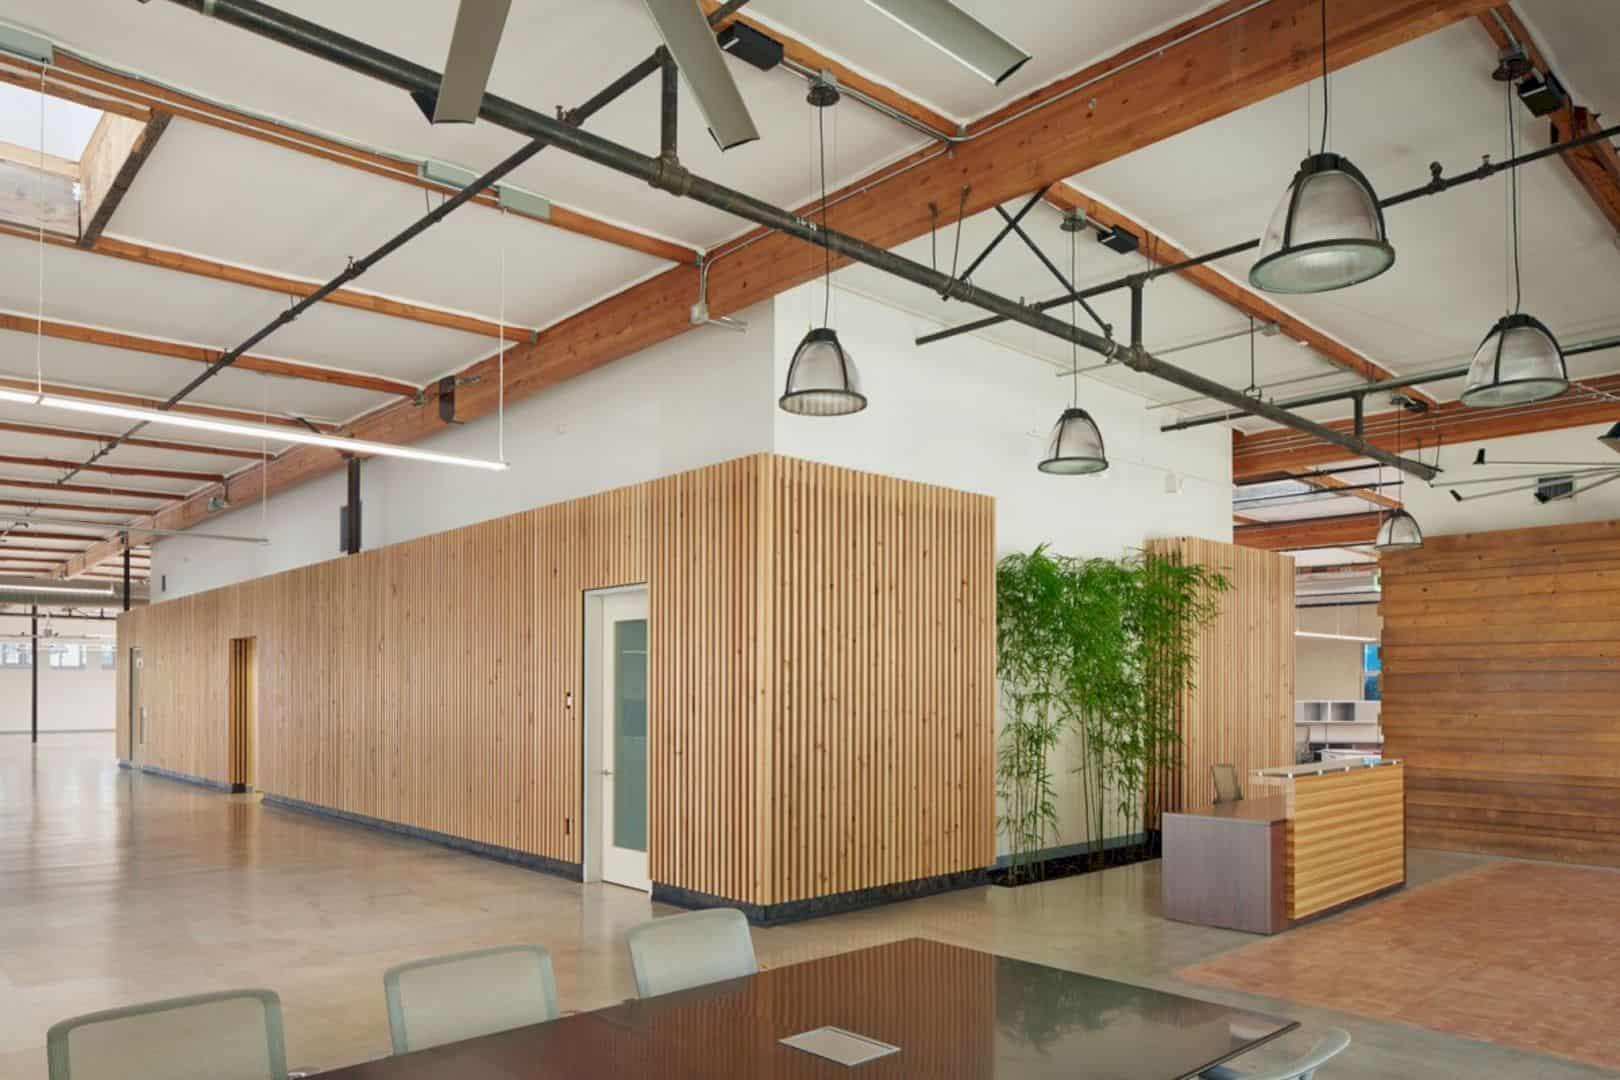 435 Indio Way Net Zero Energy Offices In Sunnyvale 9